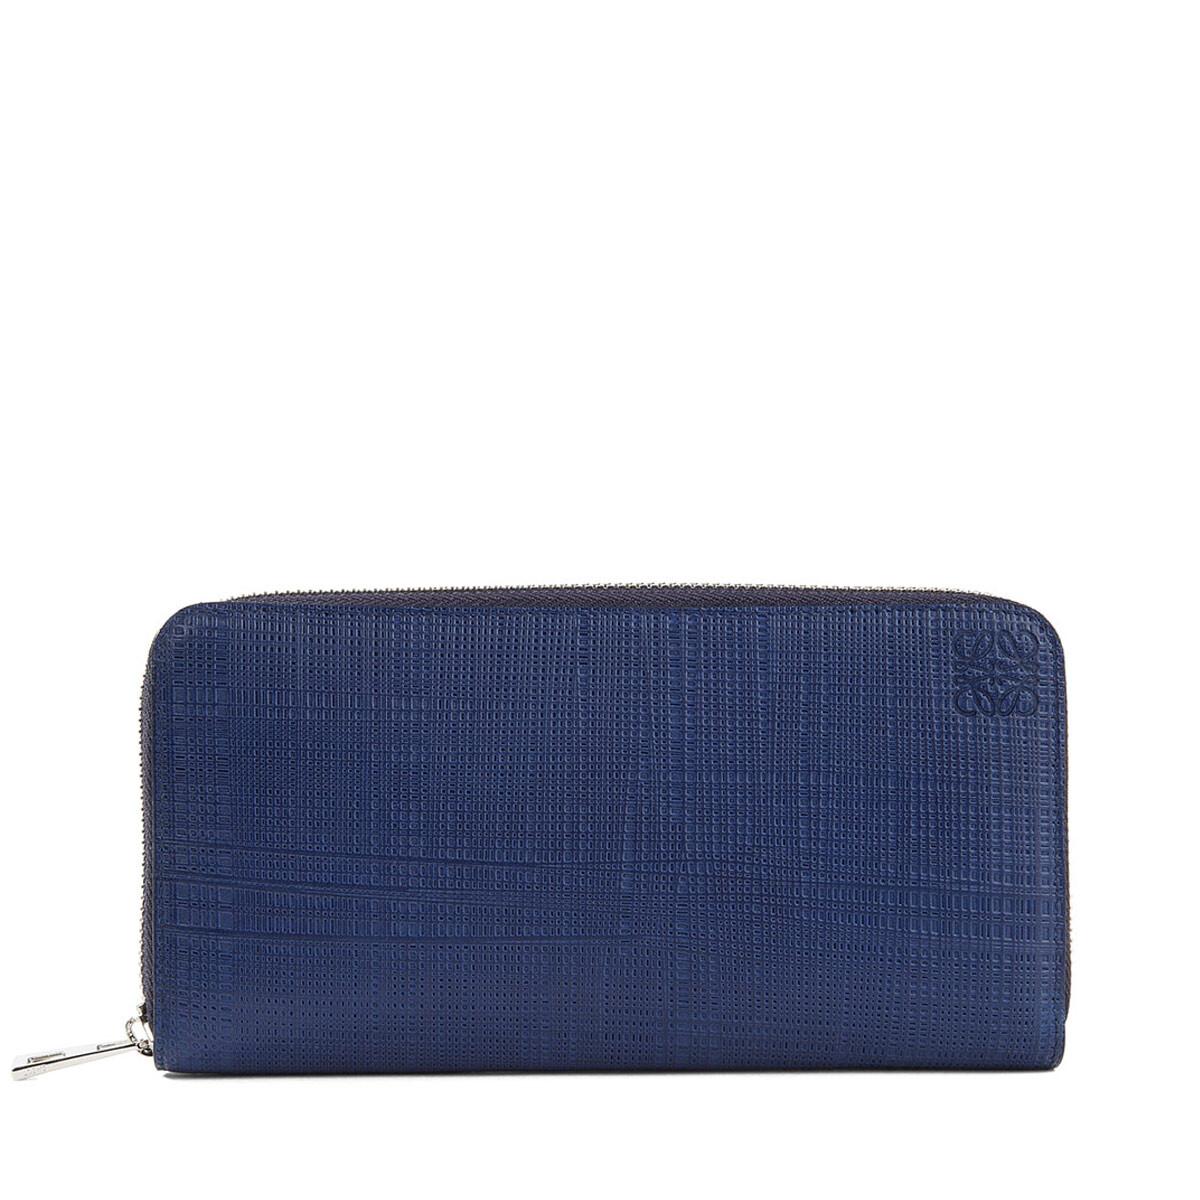 LOEWE Linen Zip Around Wallet Navy Blue front